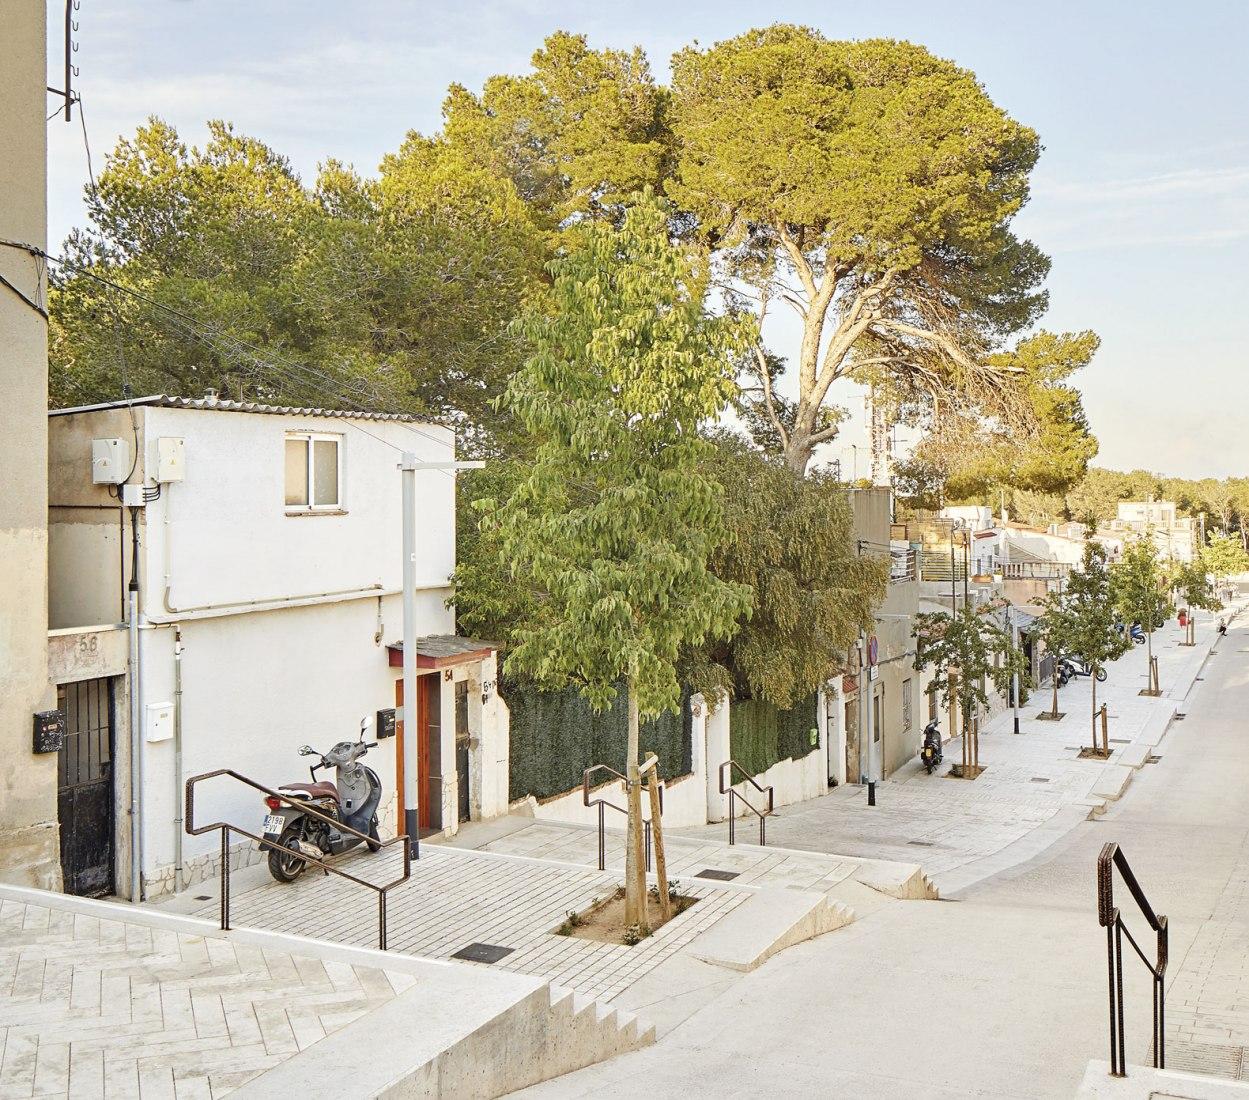 CALLE PLAZA - ARB0350. Barcelona, España. Ramon Bosch i Pagès - Elisabet Capdeferro i Pla - bosch.capdeferro arquitectura. Fotografía por José Hevia